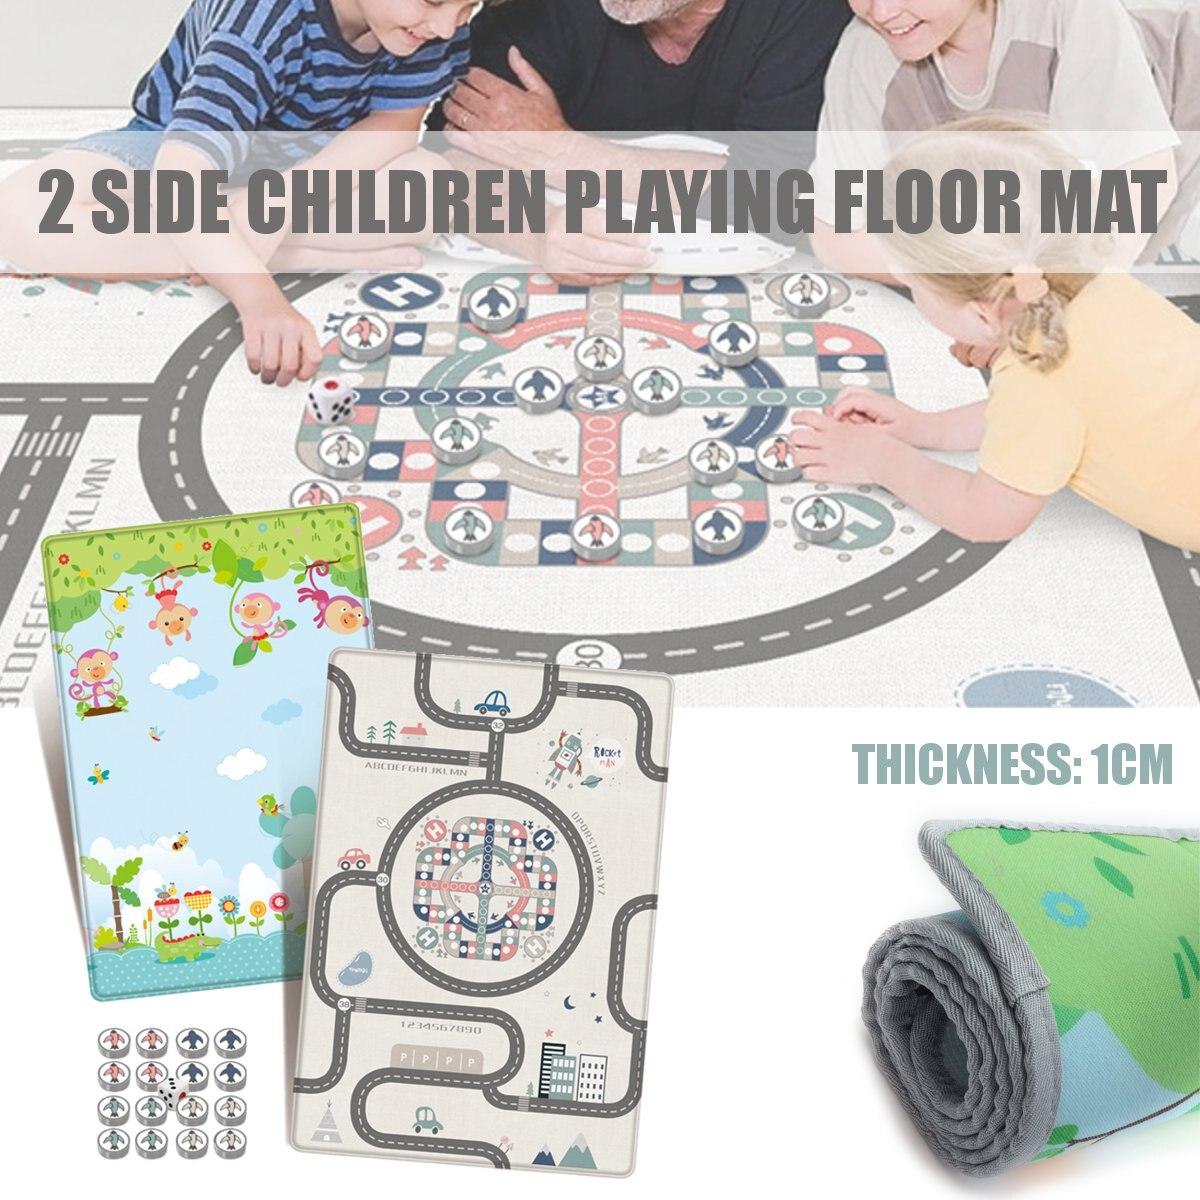 Volant échecs bébé ramper tapis de jeu jeu tapis couverture épaissir imperméable tapis de sol bébé bambin jouets d'apprentissage précoce 180x120cm